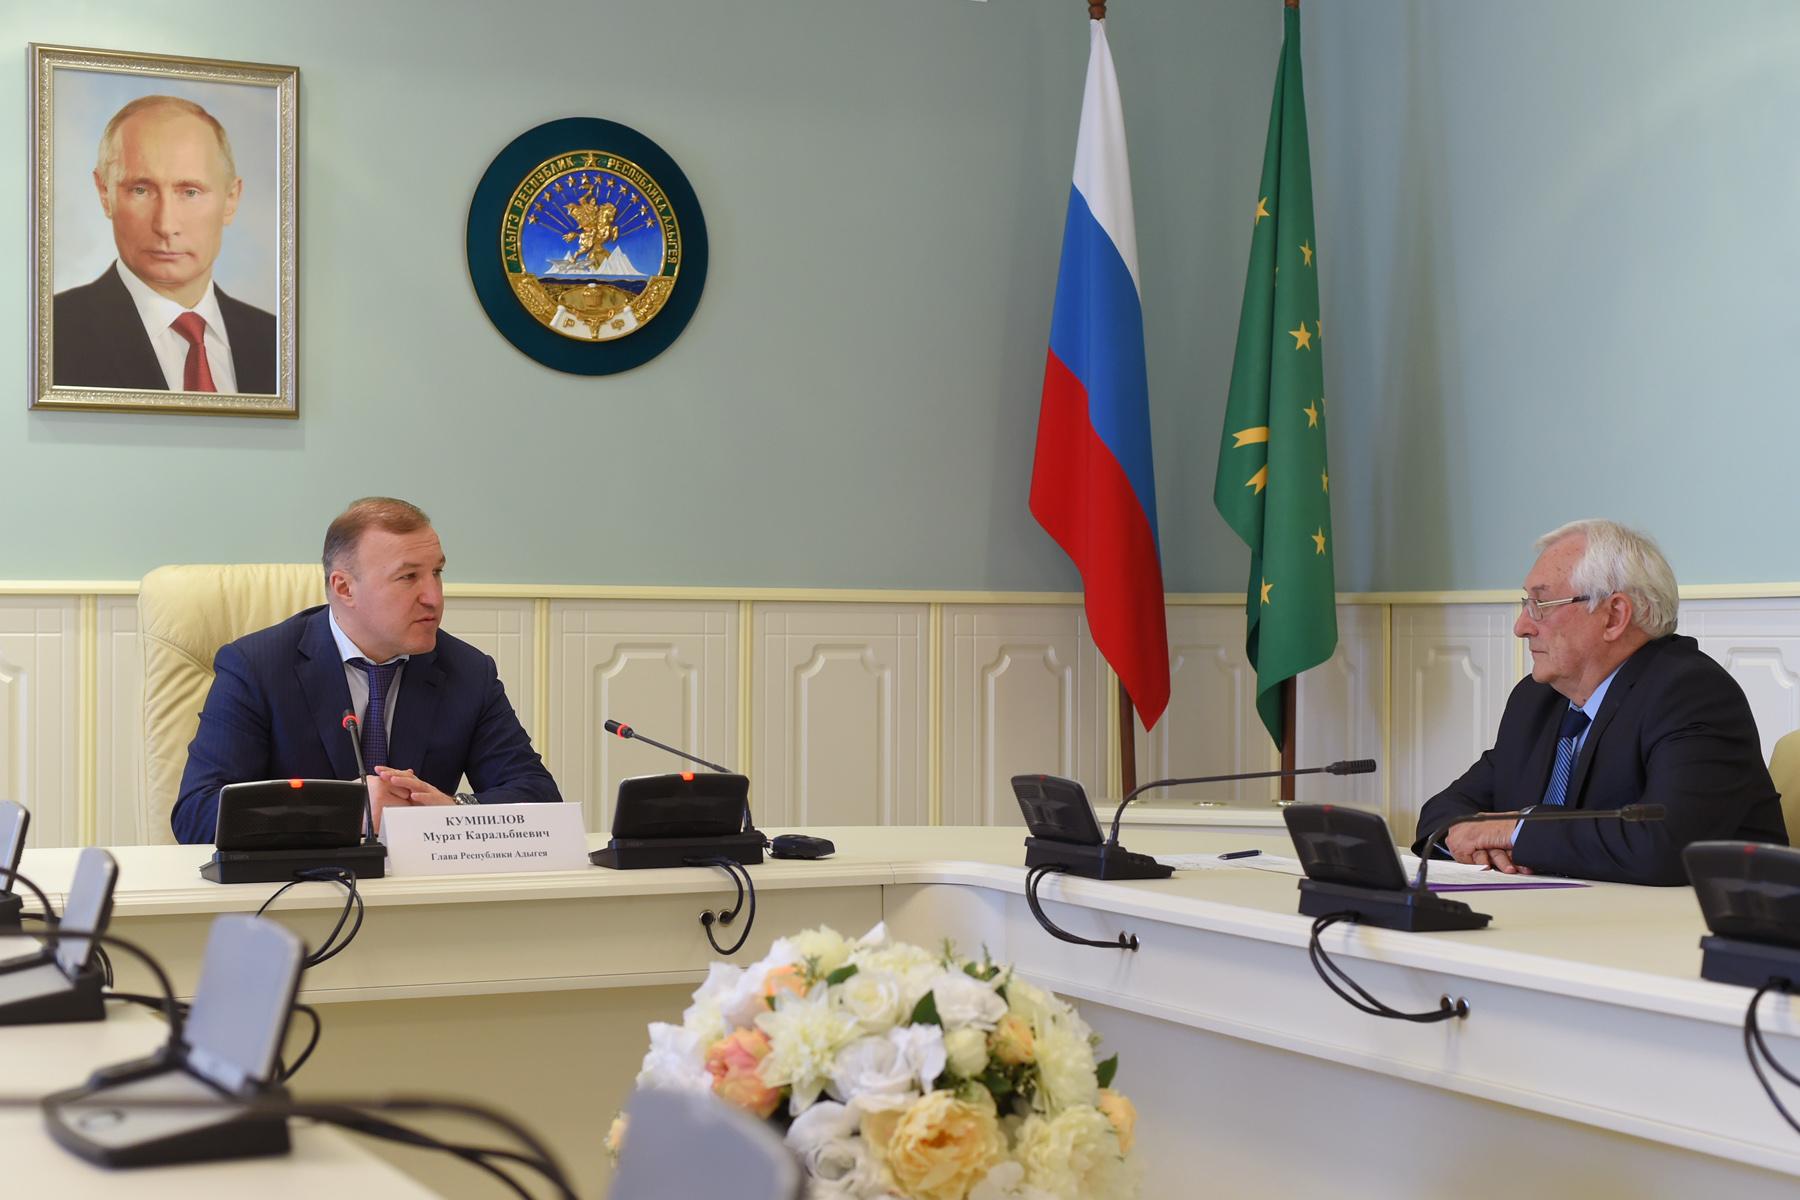 Власти Адыгеи обратятся в Минприроды РФ для развития в регионе гидрометеослужбы